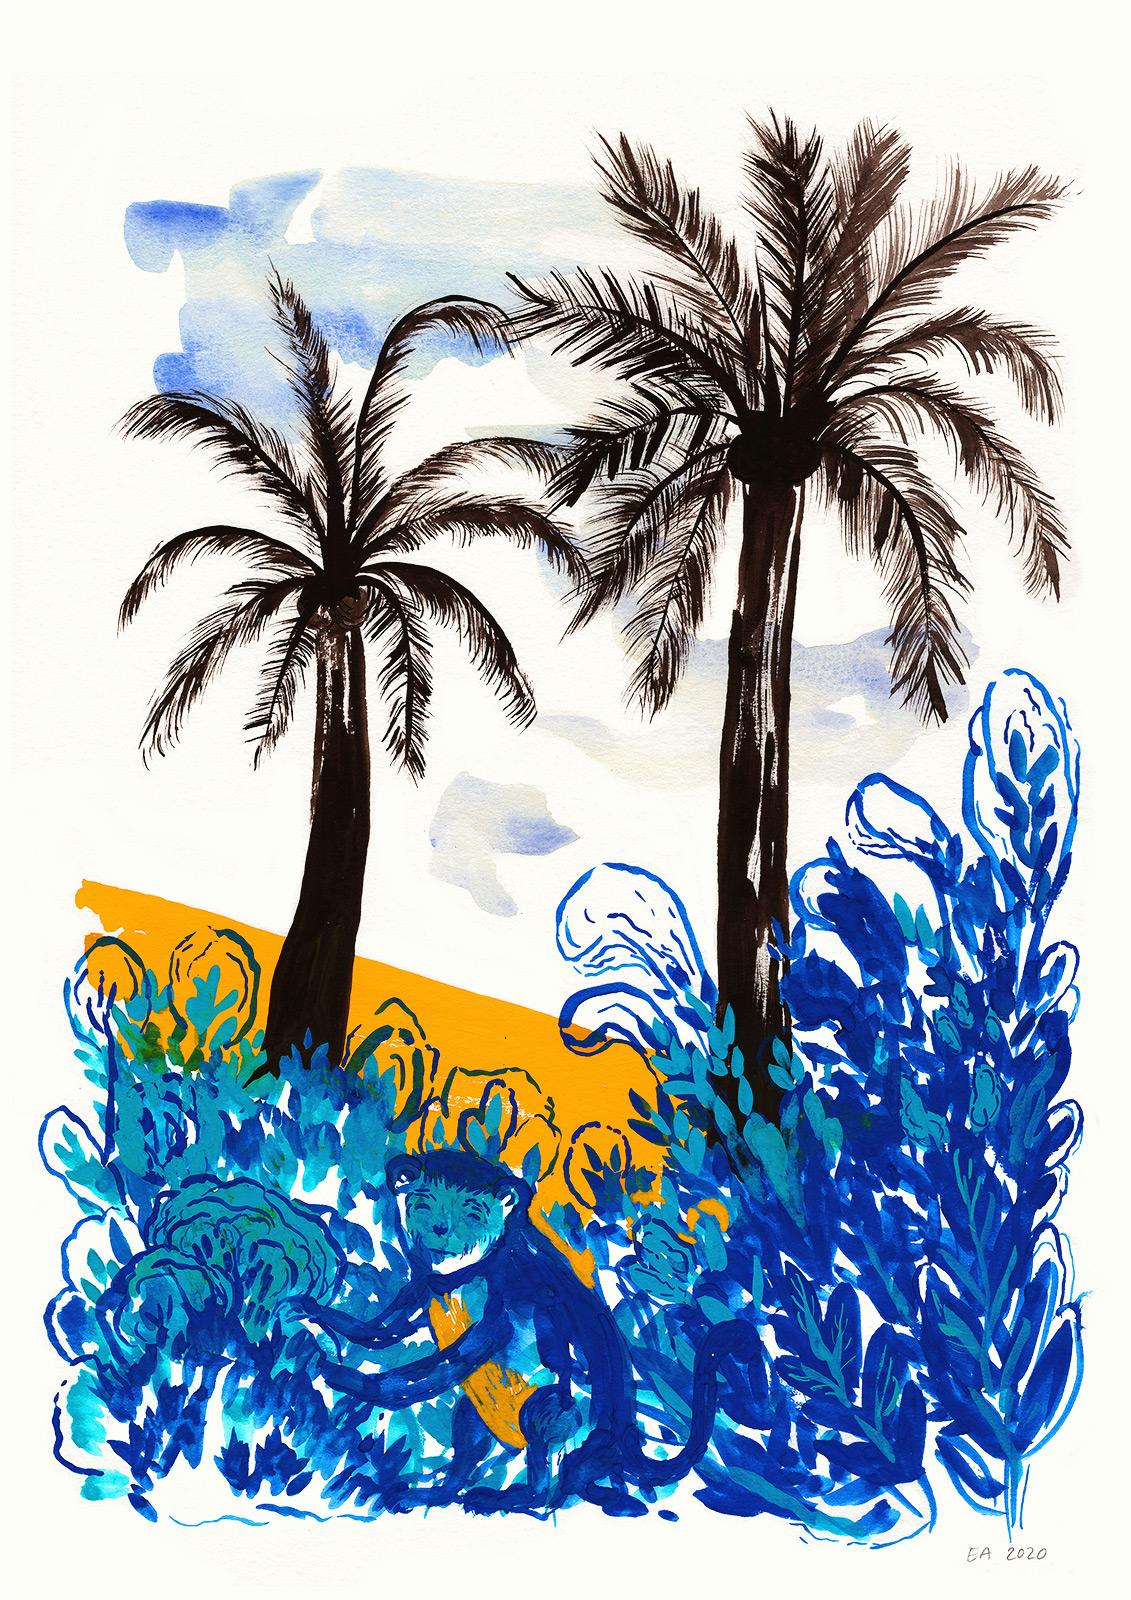 tegninger, akvarel-malerier, æstetiske, farverige, børnevenlige, figurative, illustrative, landskab, dyreliv, botanik, børn, natur, vilde-dyr, sorte, blå, orange, blæk, papir, akvarel, smukke, samtidskunst, dansk, dekorative, design, interiør, bolig-indretning, moderne, moderne-kunst, nordisk, planter, plakater, flotte, skandinavisk, Køb original kunst og kunstplakater. Malerier, tegninger, limited edition kunsttryk & plakater af dygtige kunstnere.